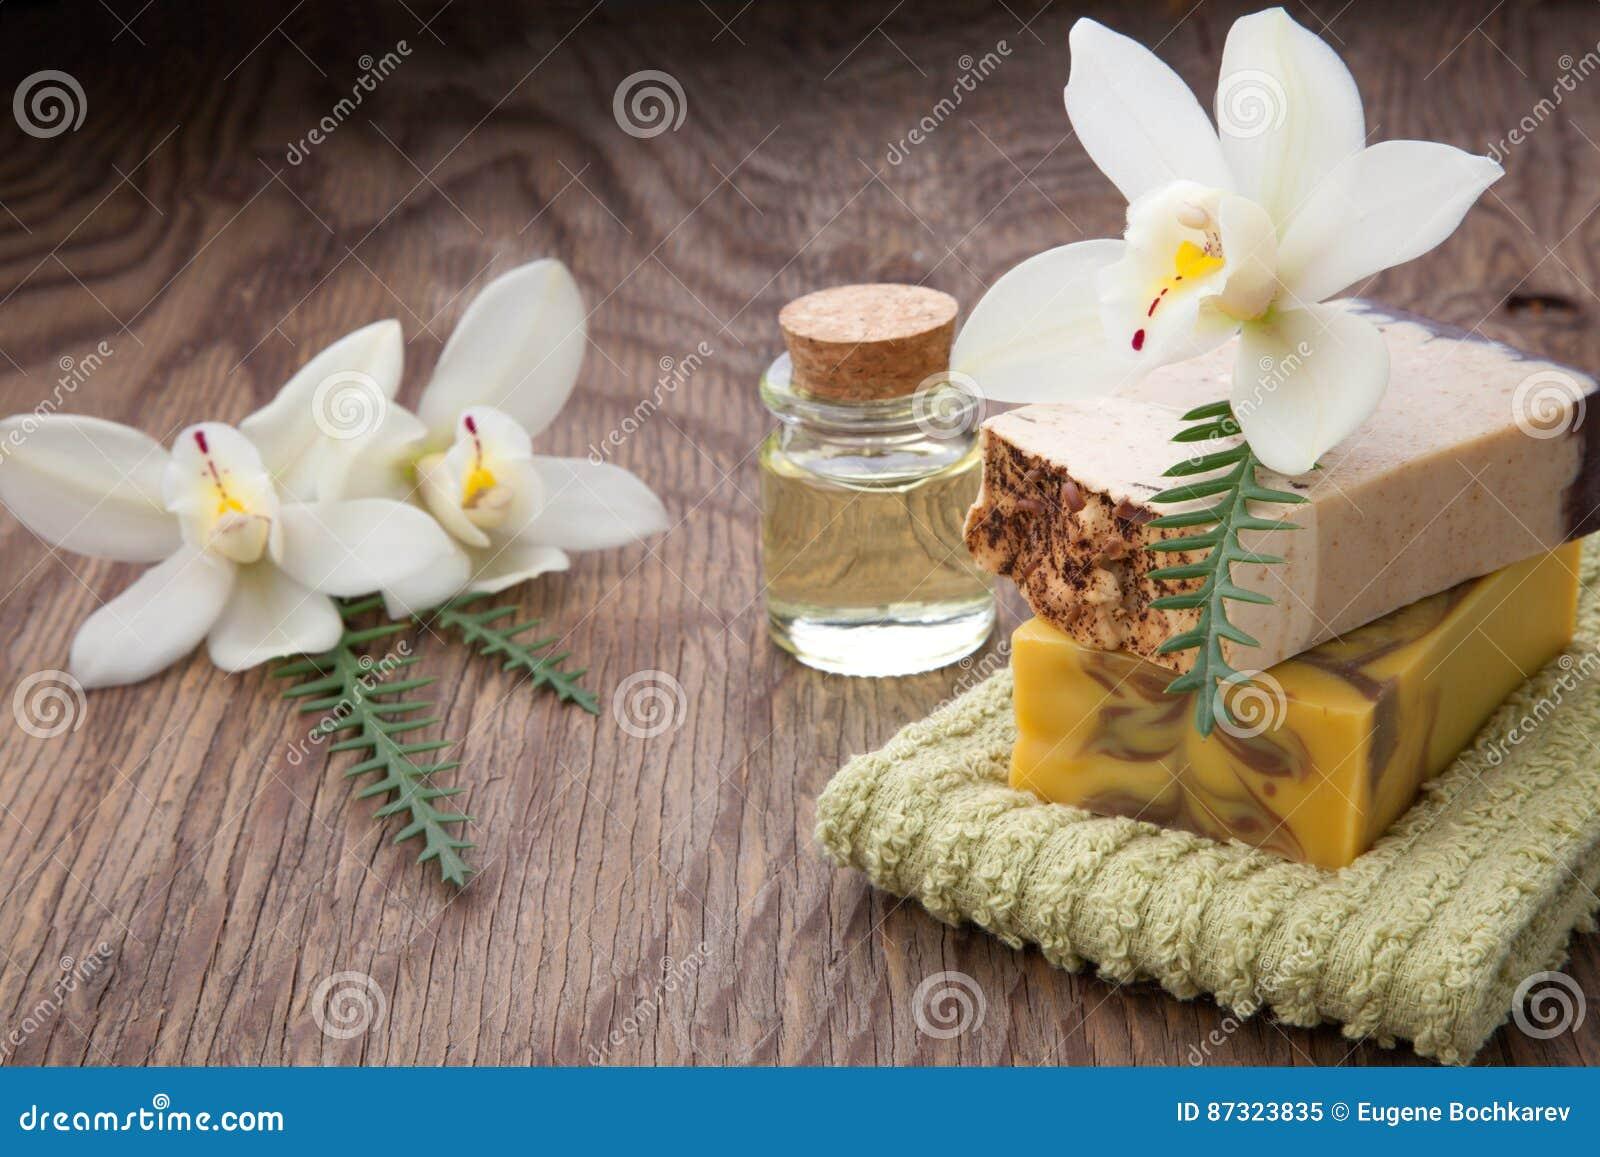 手工制造有机肥皂和兰花